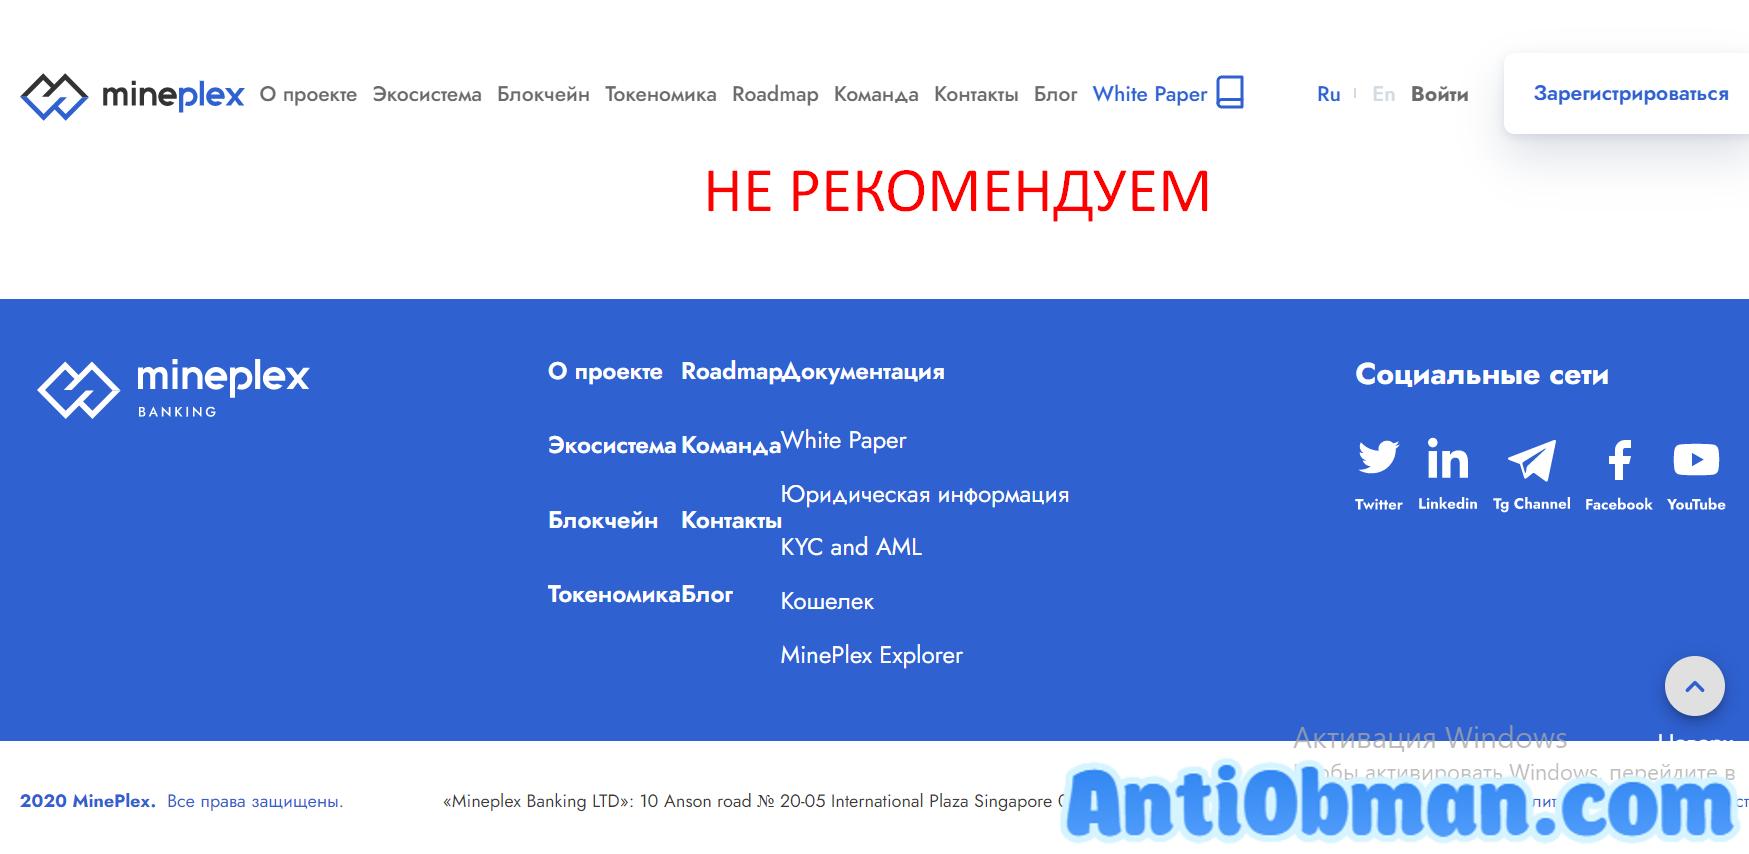 MinePlex (mineplex.io) - отзывы и обзор. Честный проект?